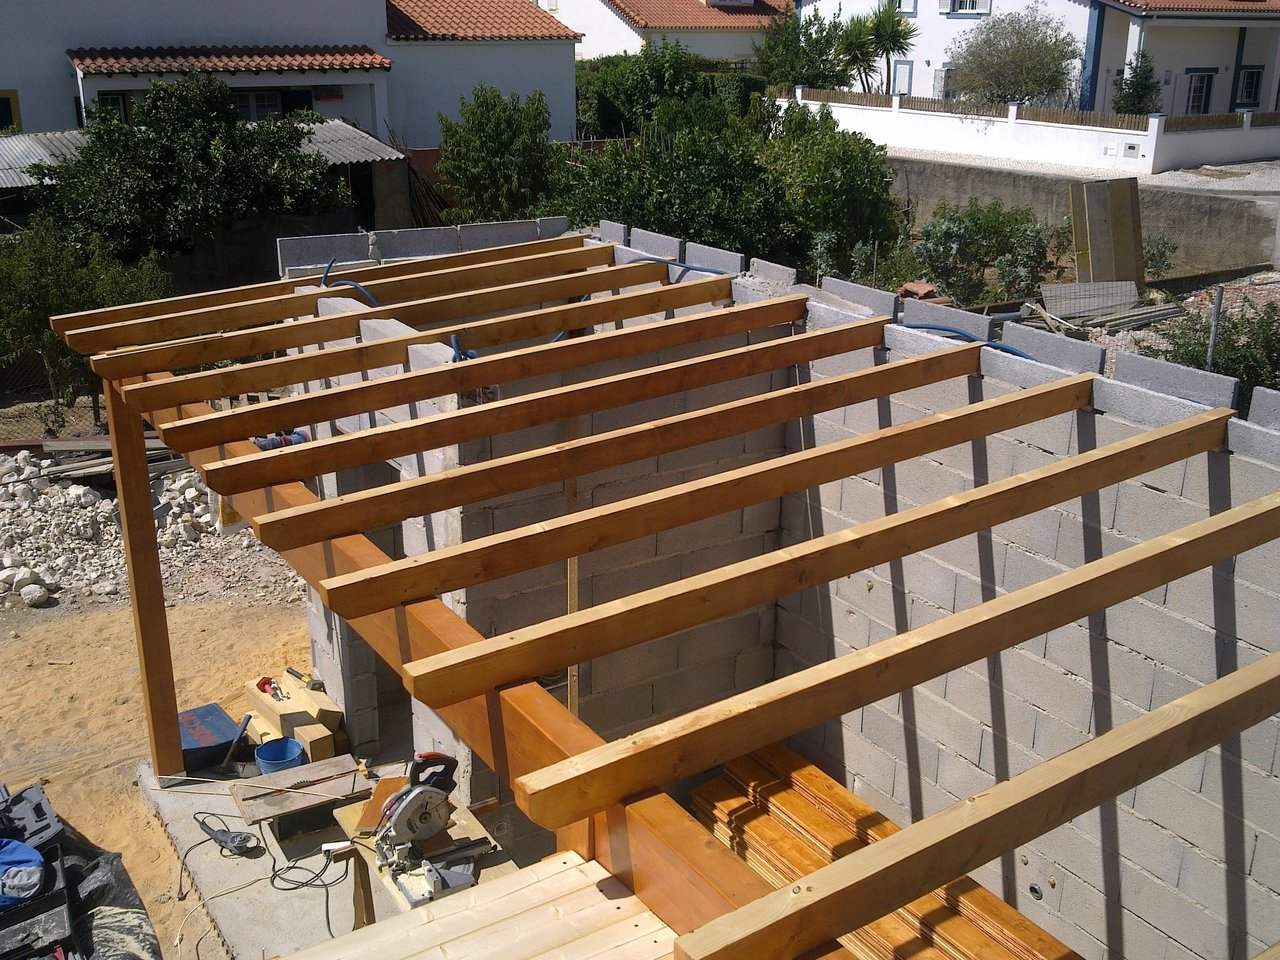 Telheiros em Madeira Obras Somos Nós #9E662D 1280x960